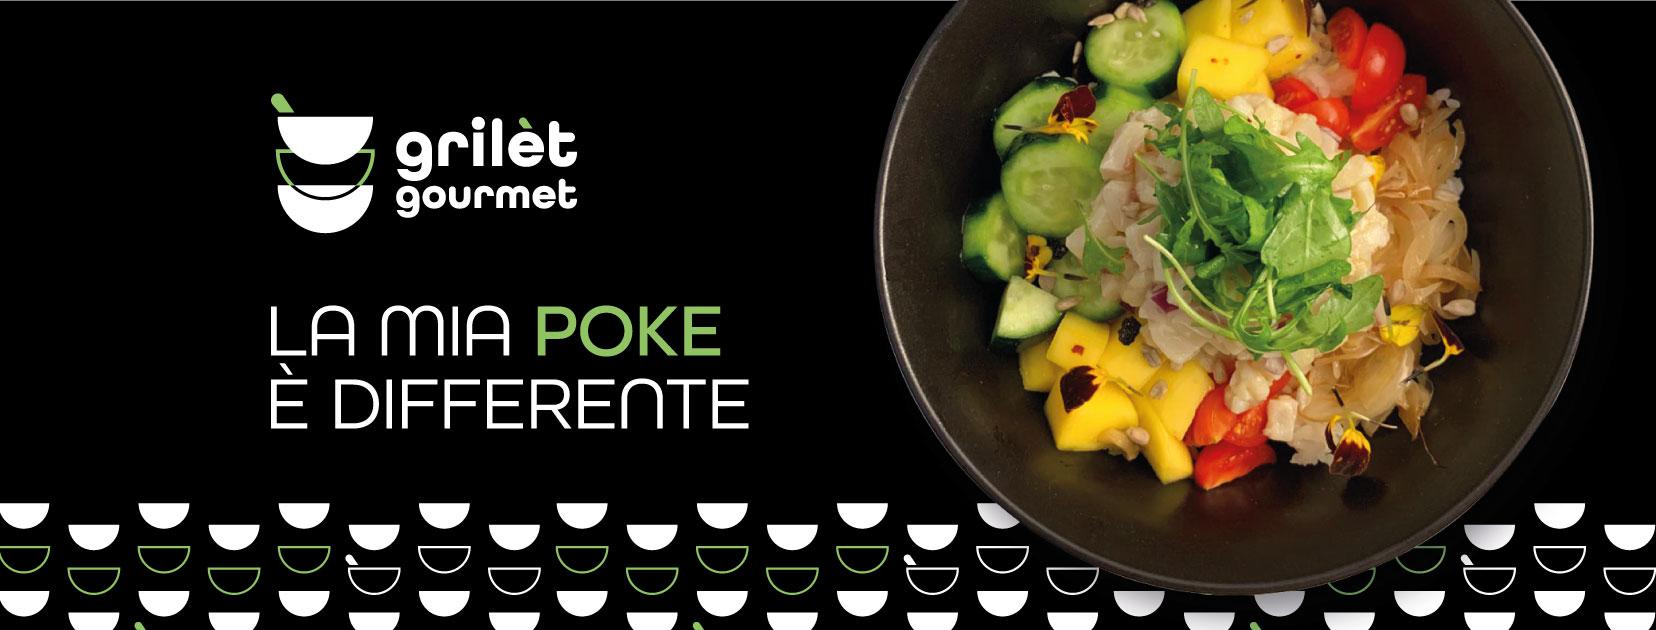 Caratteri_Agency_Grilet-gourmet_facebook